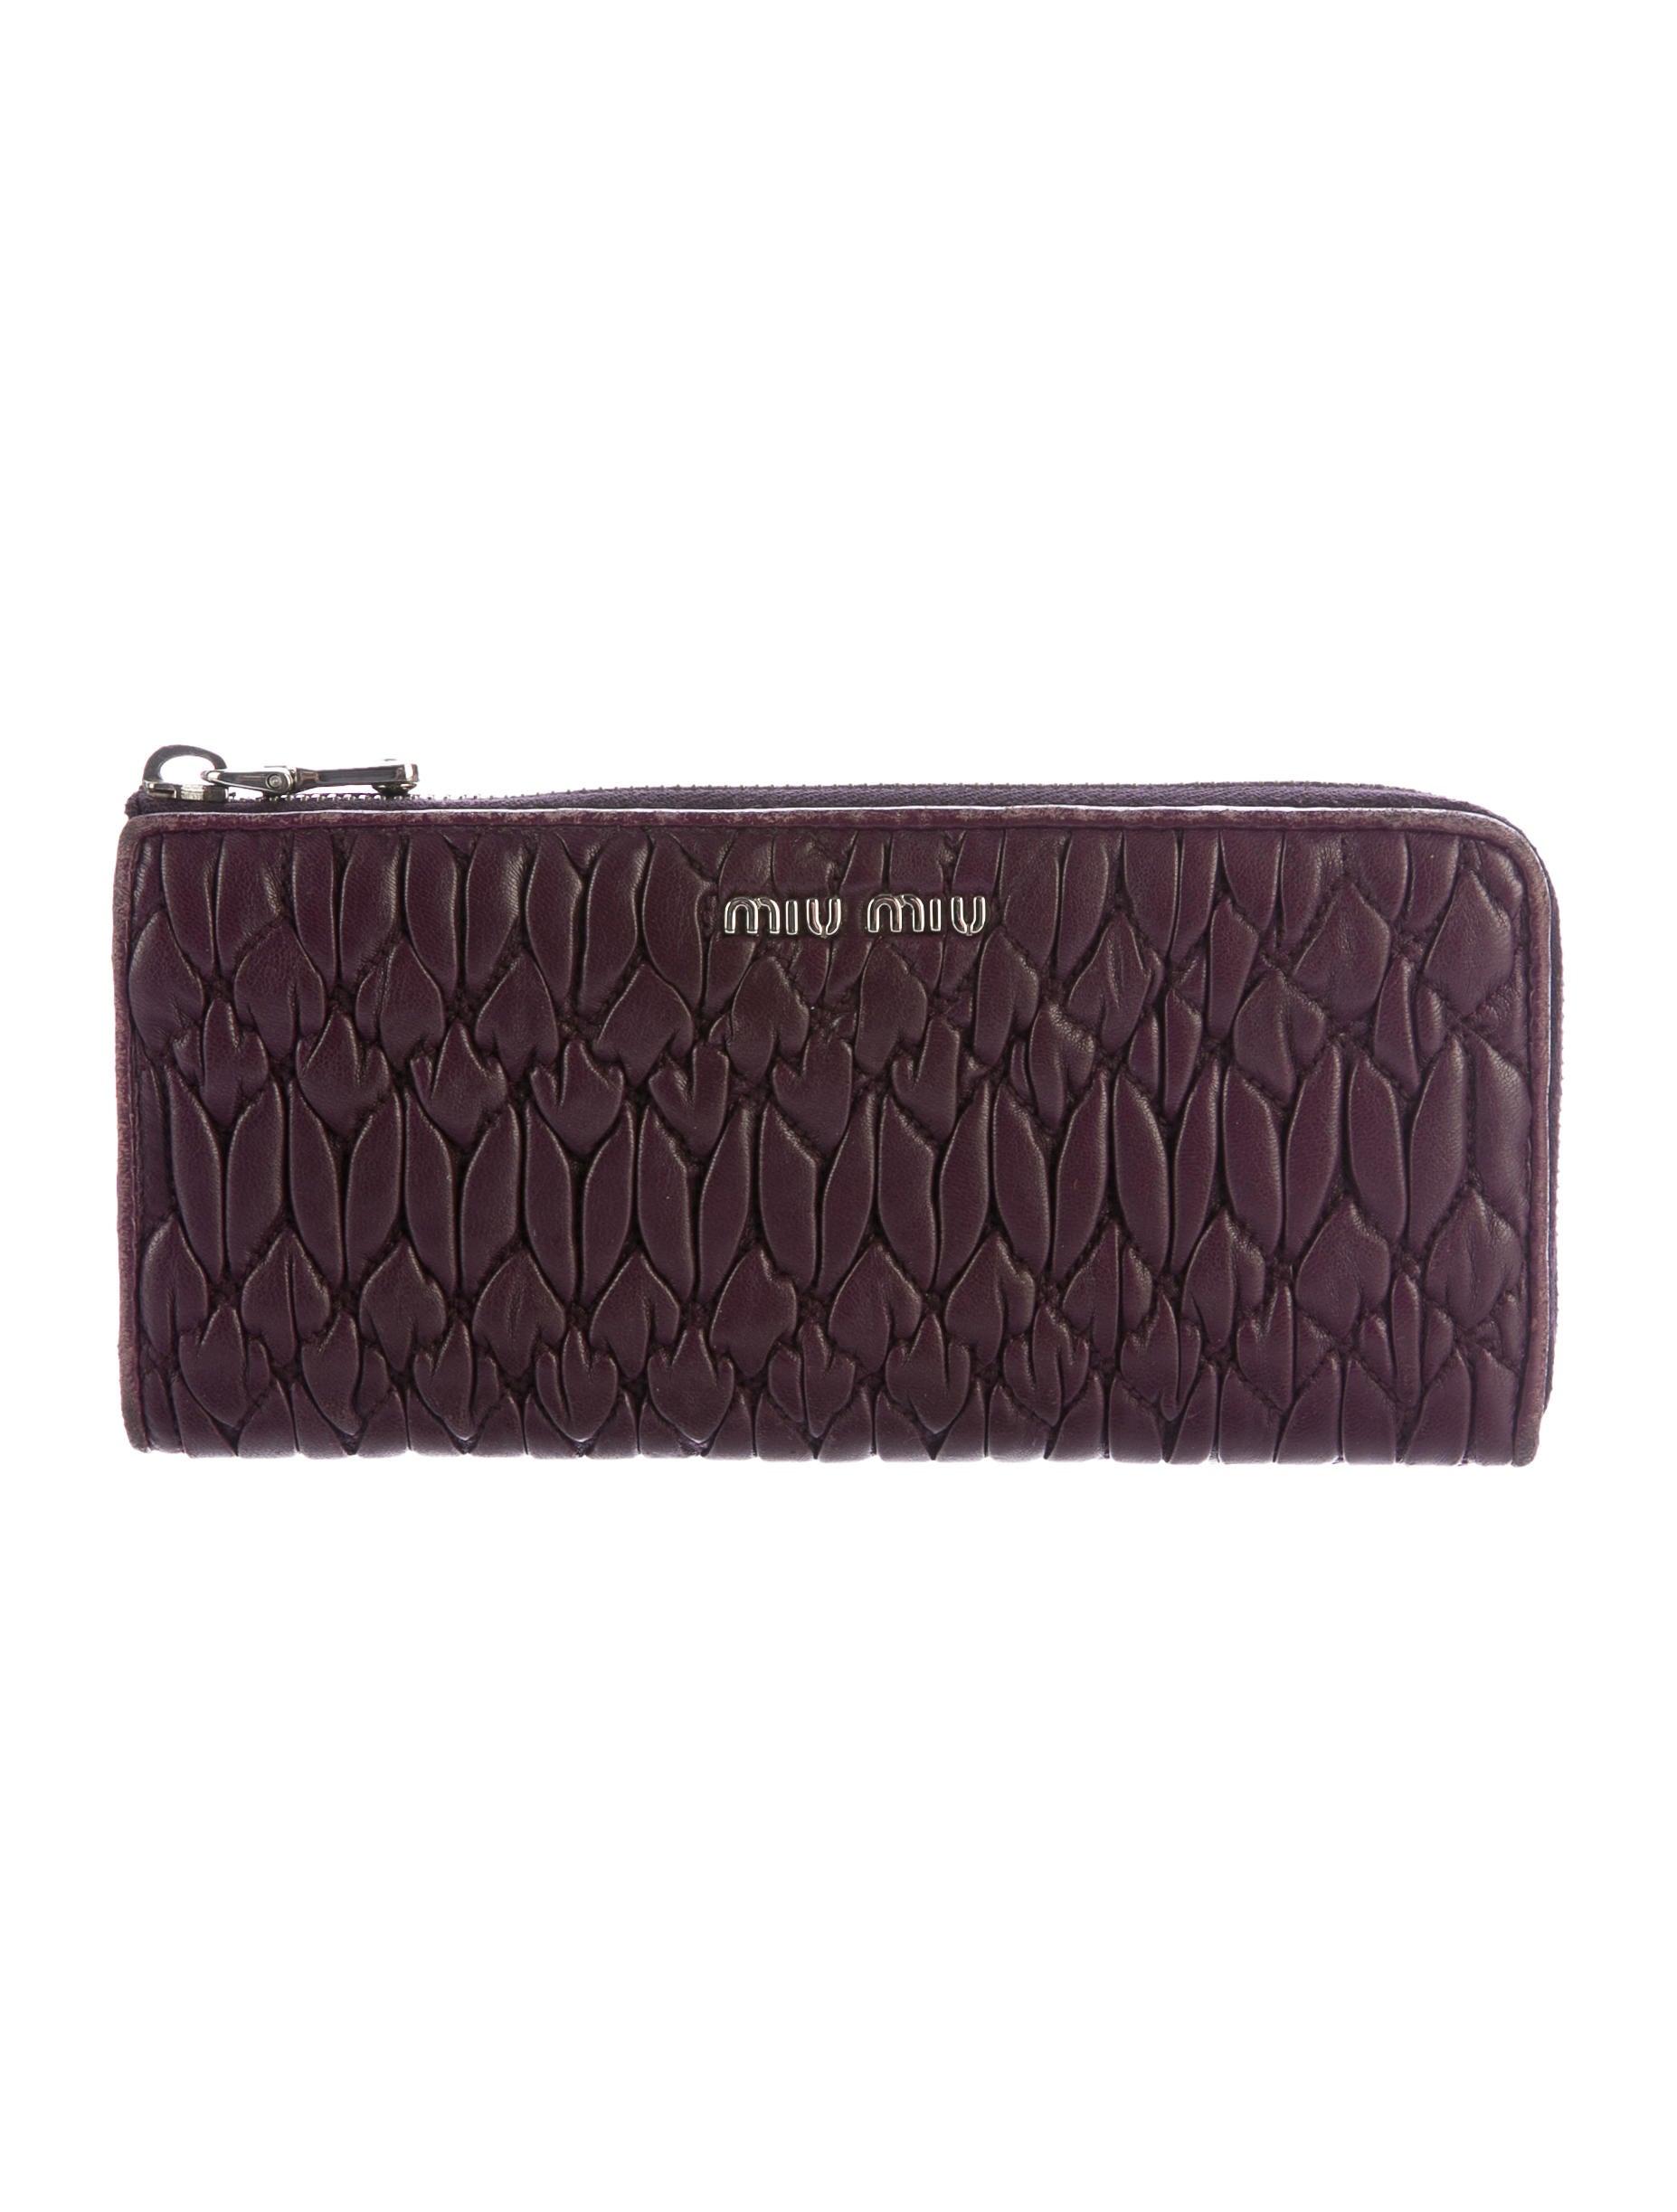 e55e52c0a4b Miu Miu Wallet On Sale